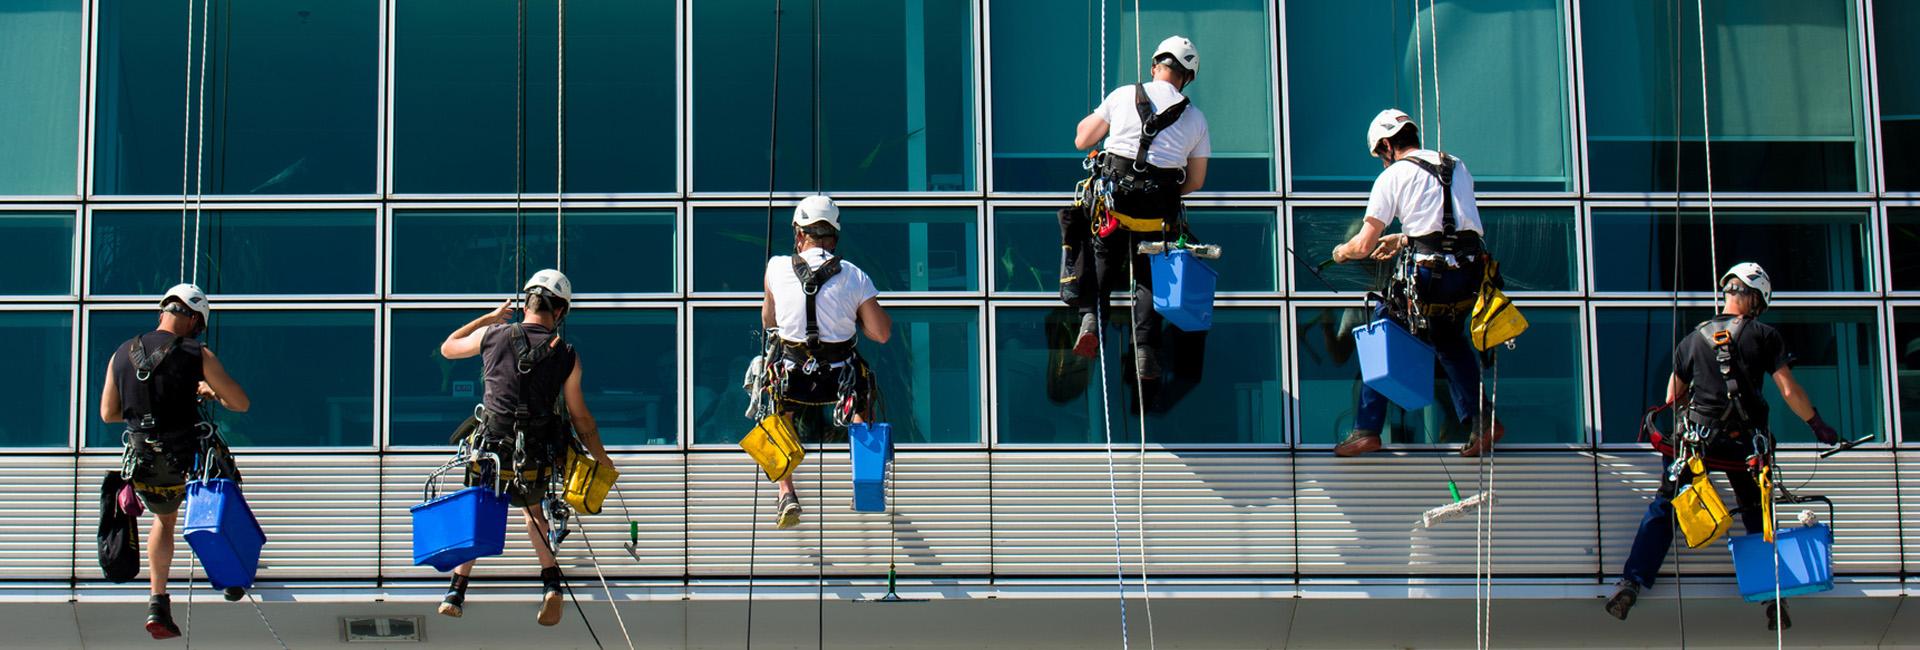 aktiv Gebäudereinigung - Glas- und Fassadenreinigung